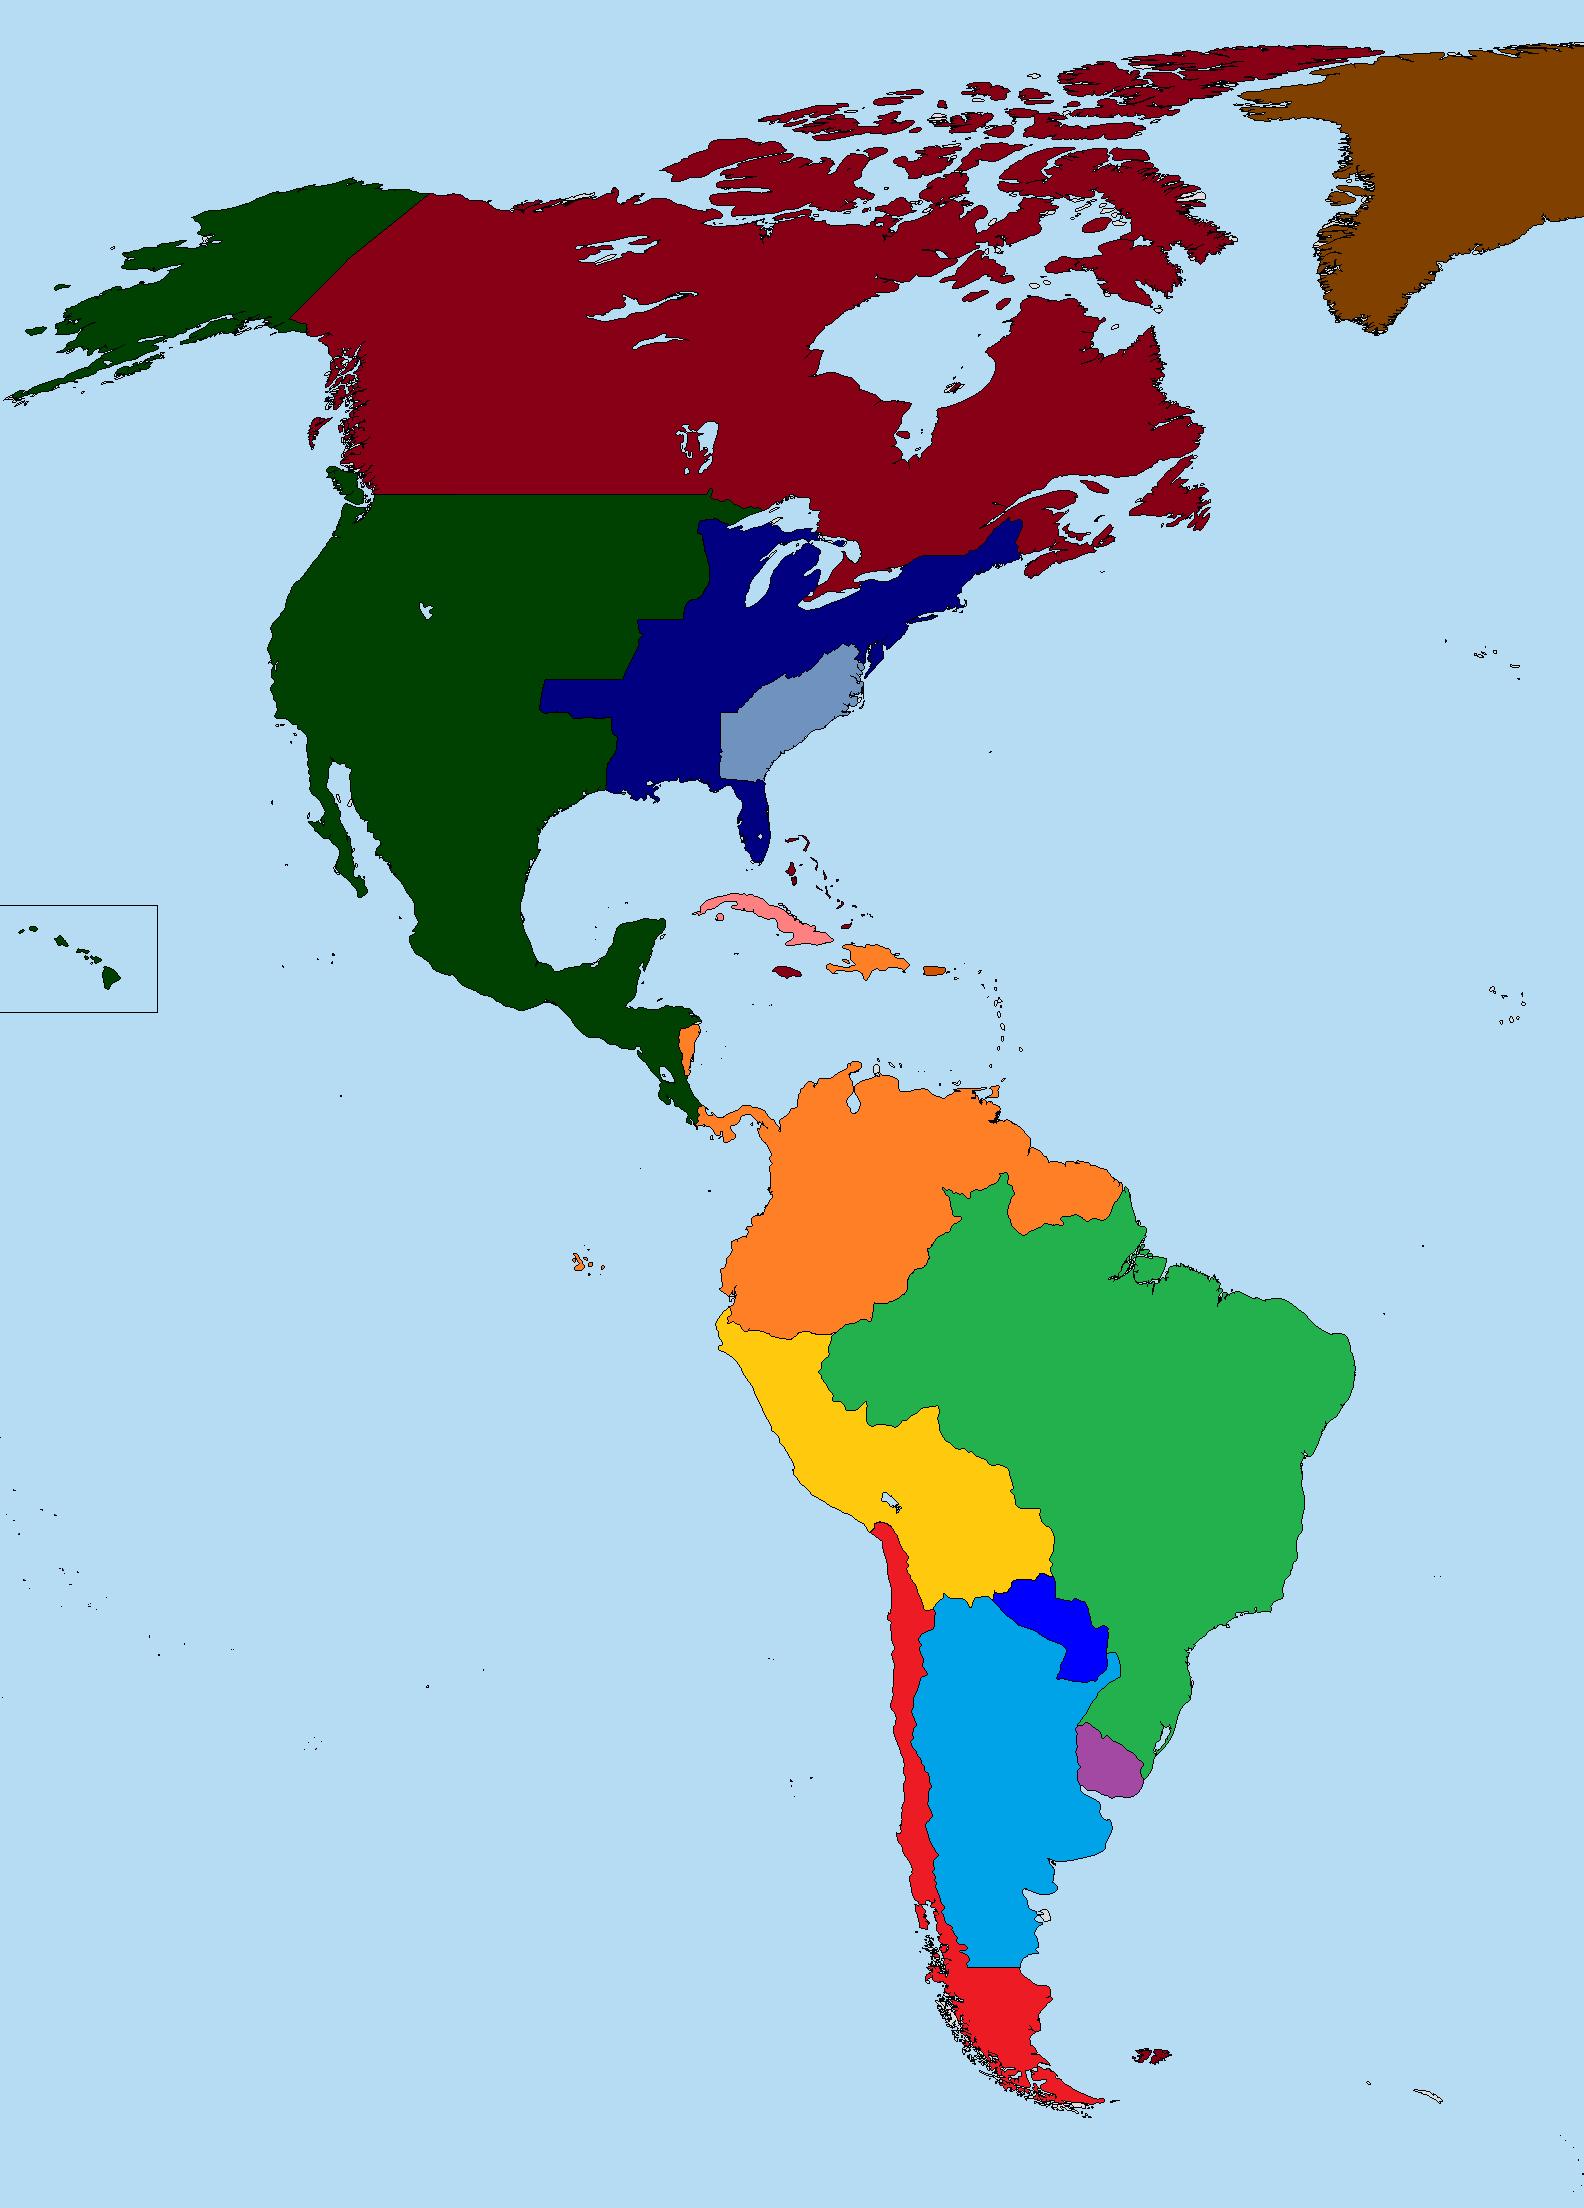 Batalla Continental Juego De Mapas Historia Alternativa - America mapa juego